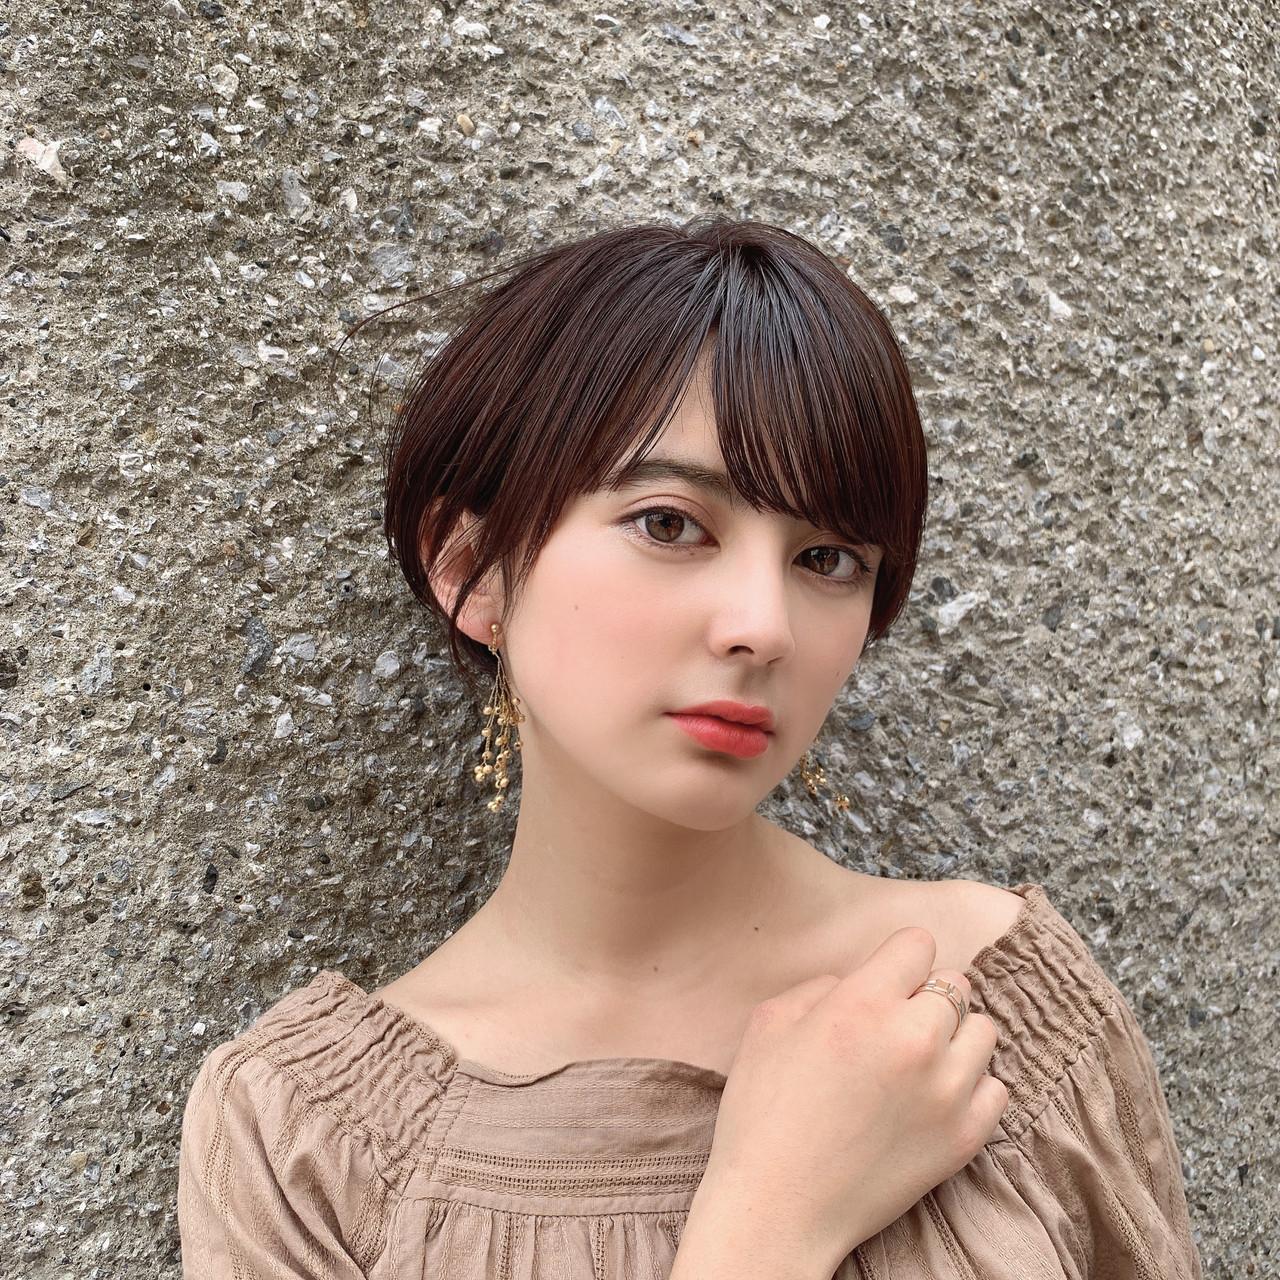 ショート 大人可愛い ショートヘア 髪質改善 ヘアスタイルや髪型の写真・画像